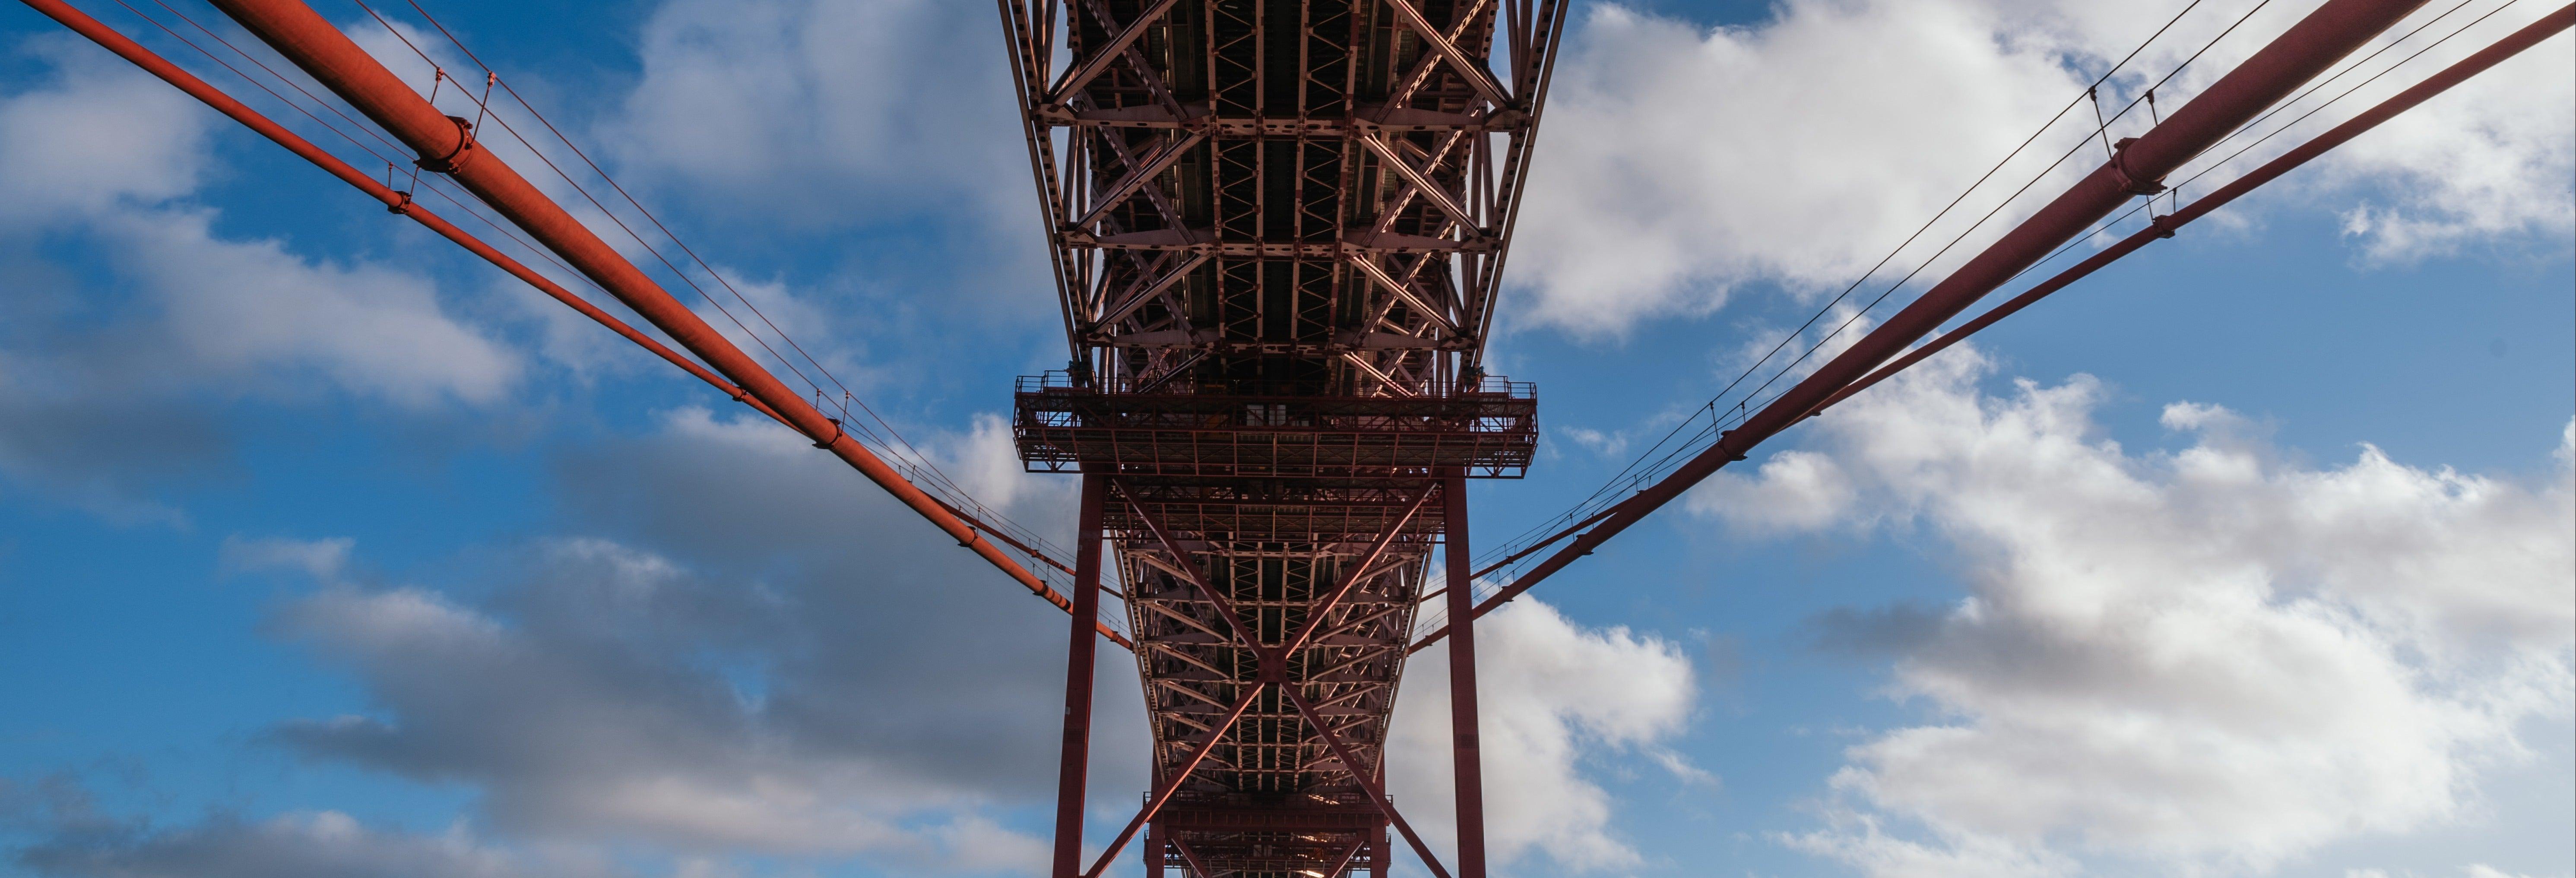 Entrada a la experiencia Pilar 7 del puente 25 de Abril